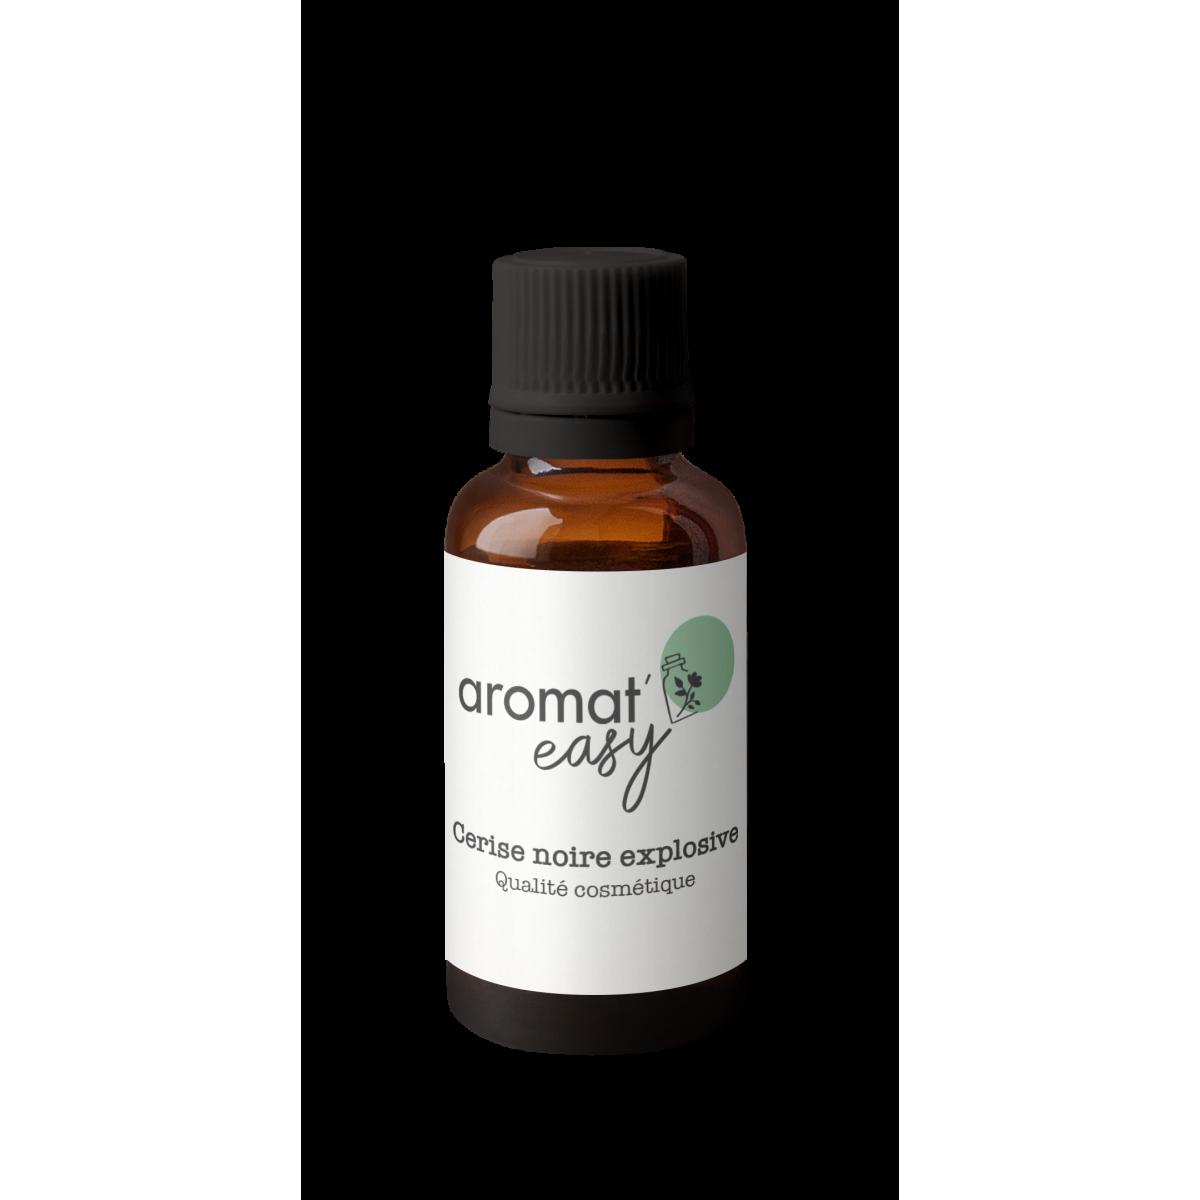 Fragrance Cerise noire explosive